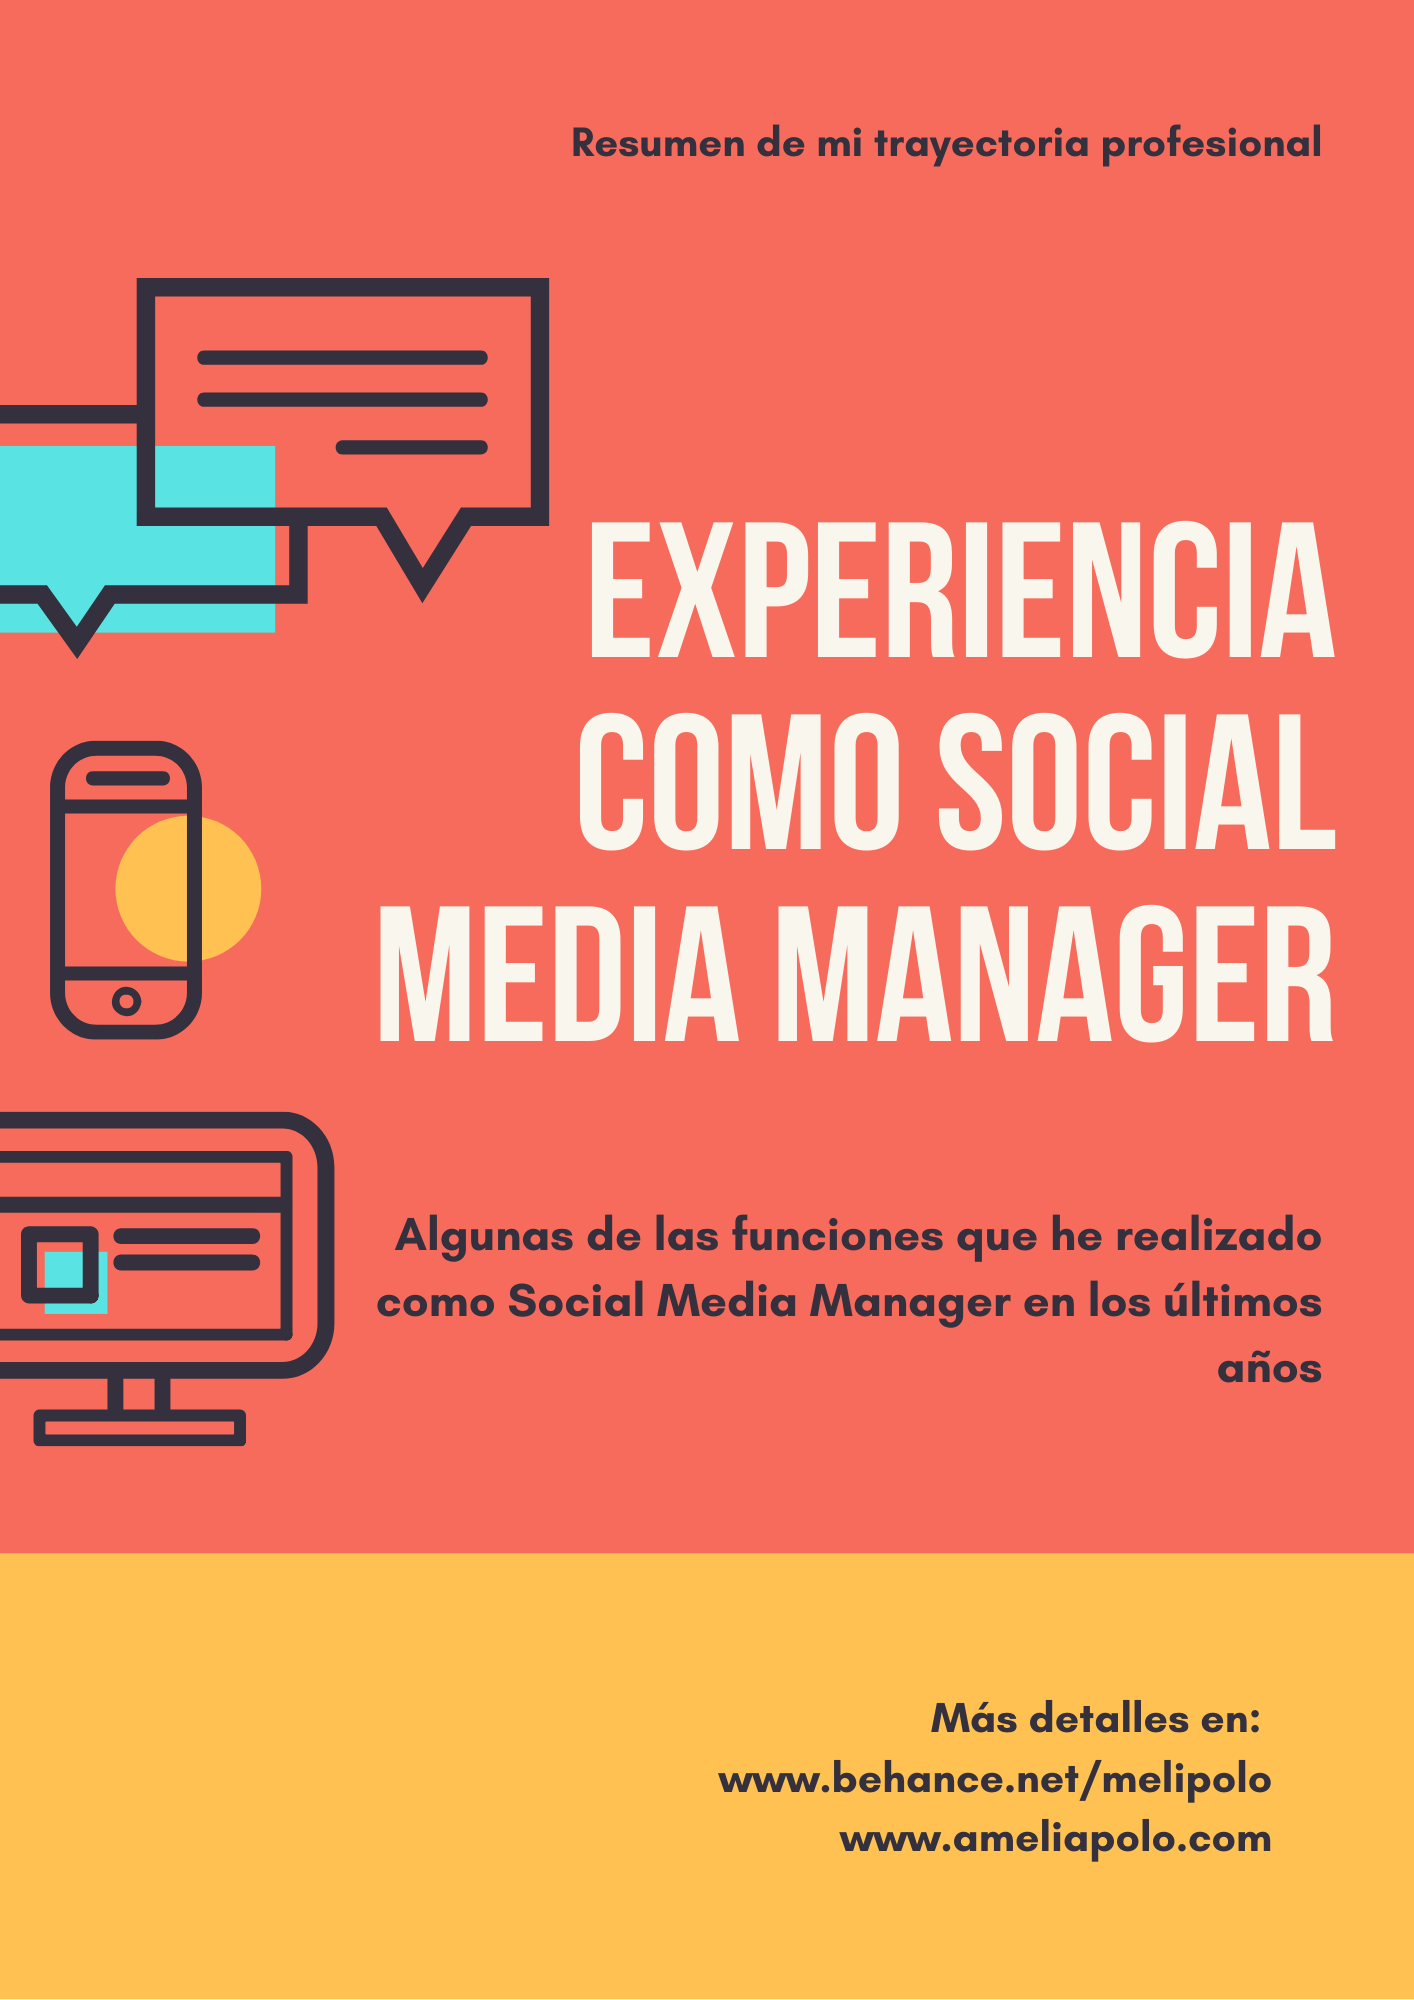 Experiencia como social media manager